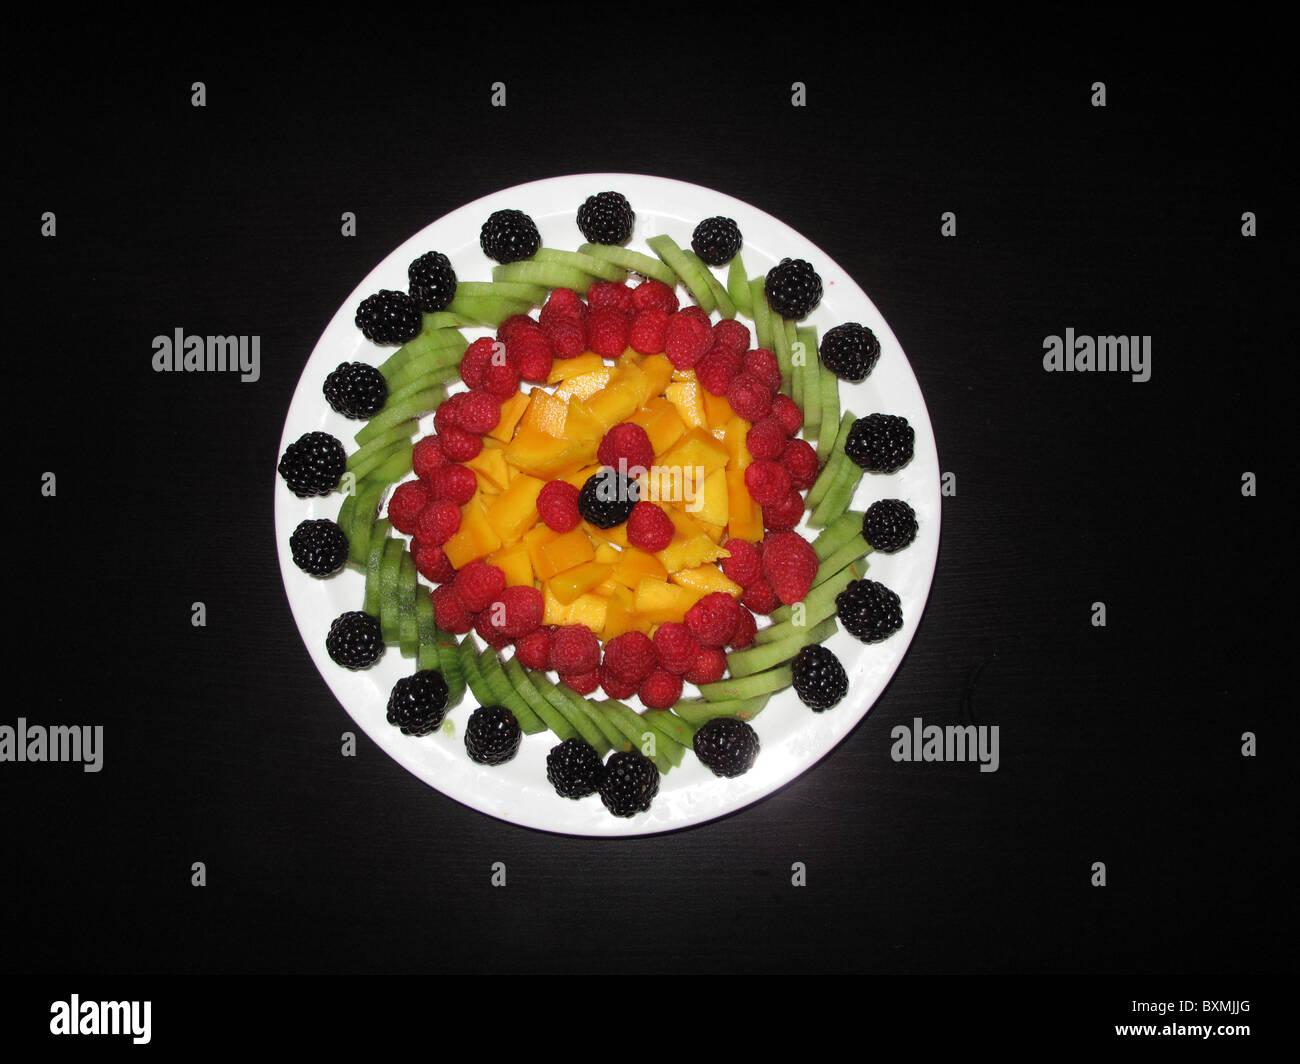 Beautiful Fruit Salad Decoration On Black Background Stock Photo